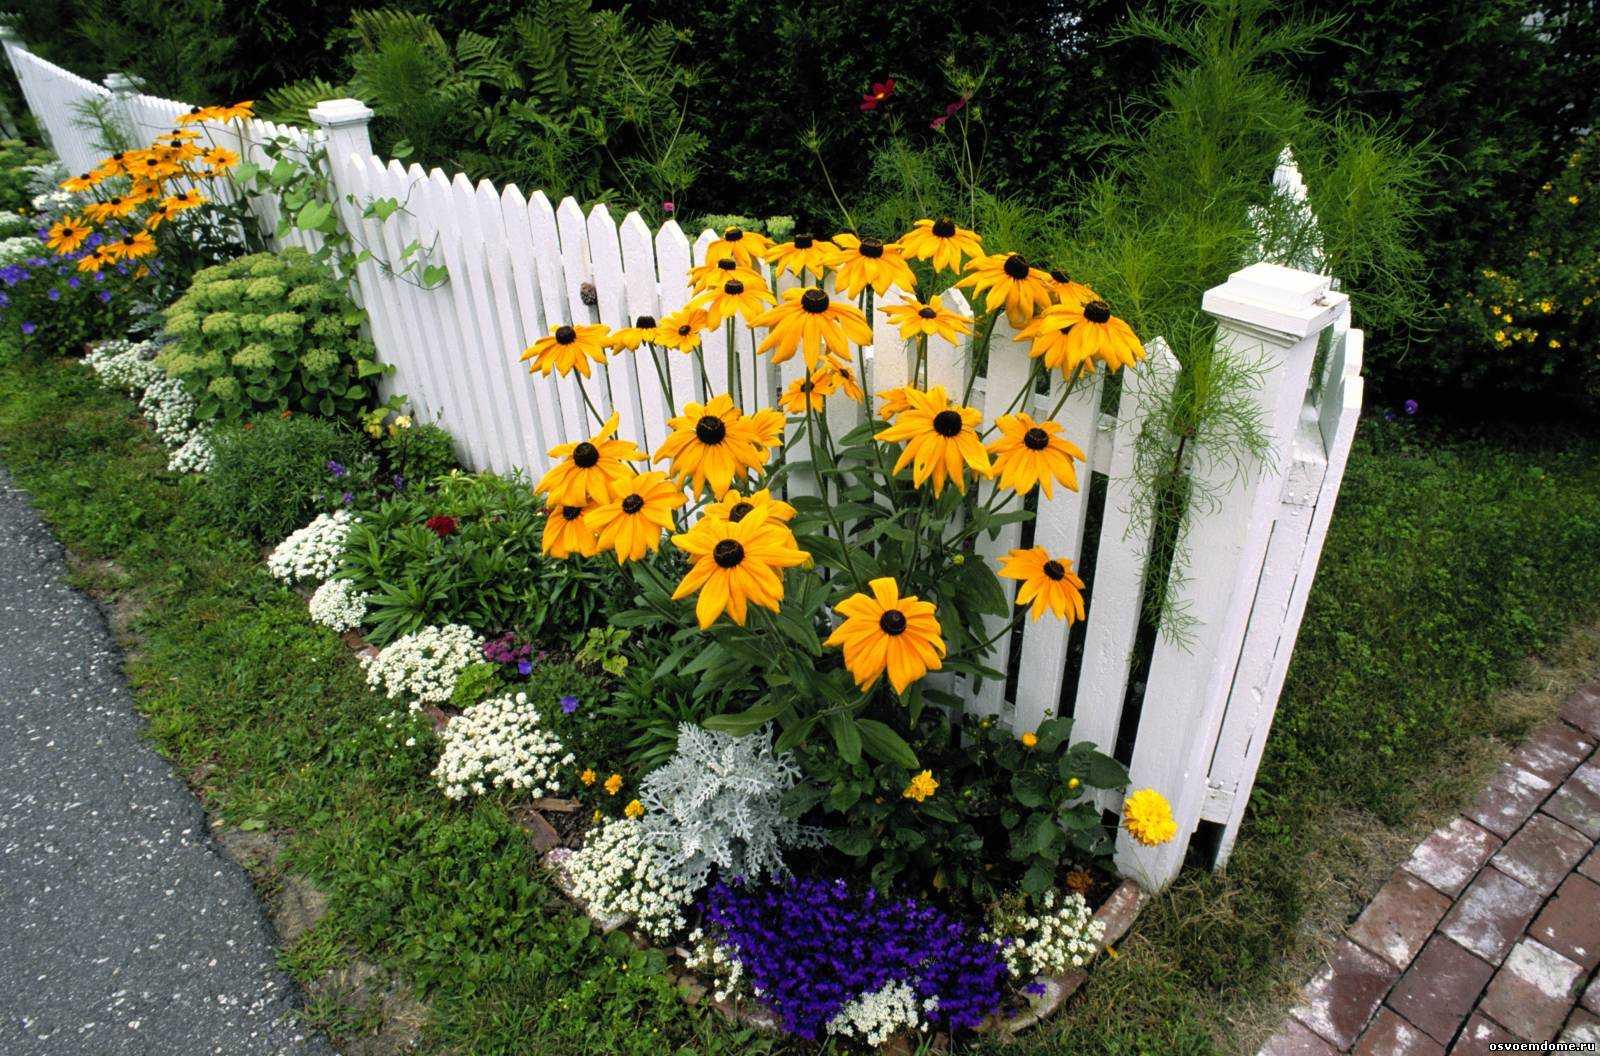 belle création de la conception d'un chalet d'été avec des fleurs